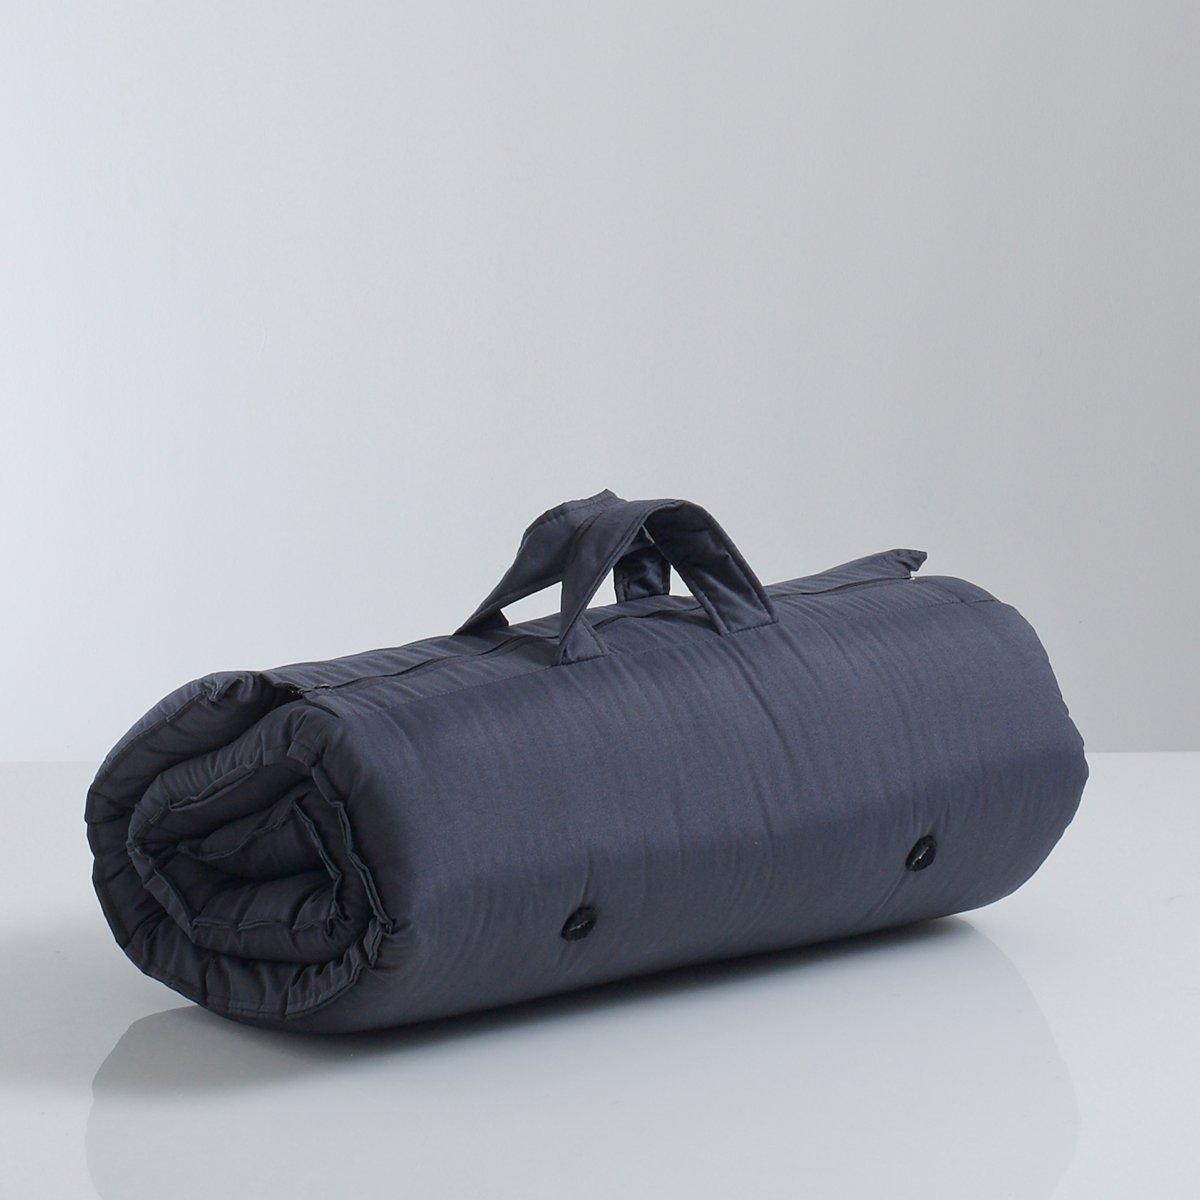 Матрас хлопчатобумажныйИдеальный вариант для сна на природе ! Не занимающий много места и всегда готовый к использованию,  сворачивается, застежка на молнию, легко переносится при помощи 2 ручек . Размеры :В развернутом виде : 70 x 190 см. Толщина 5 см. Покрытие:70% хлопок, 30%полиэстер, обработка TEFLON (от пятен).Комфортный матрас :Внутренний слой из  2слоев  ваты 80% хлопок (1300г/м?).Набивка-планки и фетр .<br><br>Цвет: антрацит,красный<br>Размер: 70 x 190 см.70 x 190 см